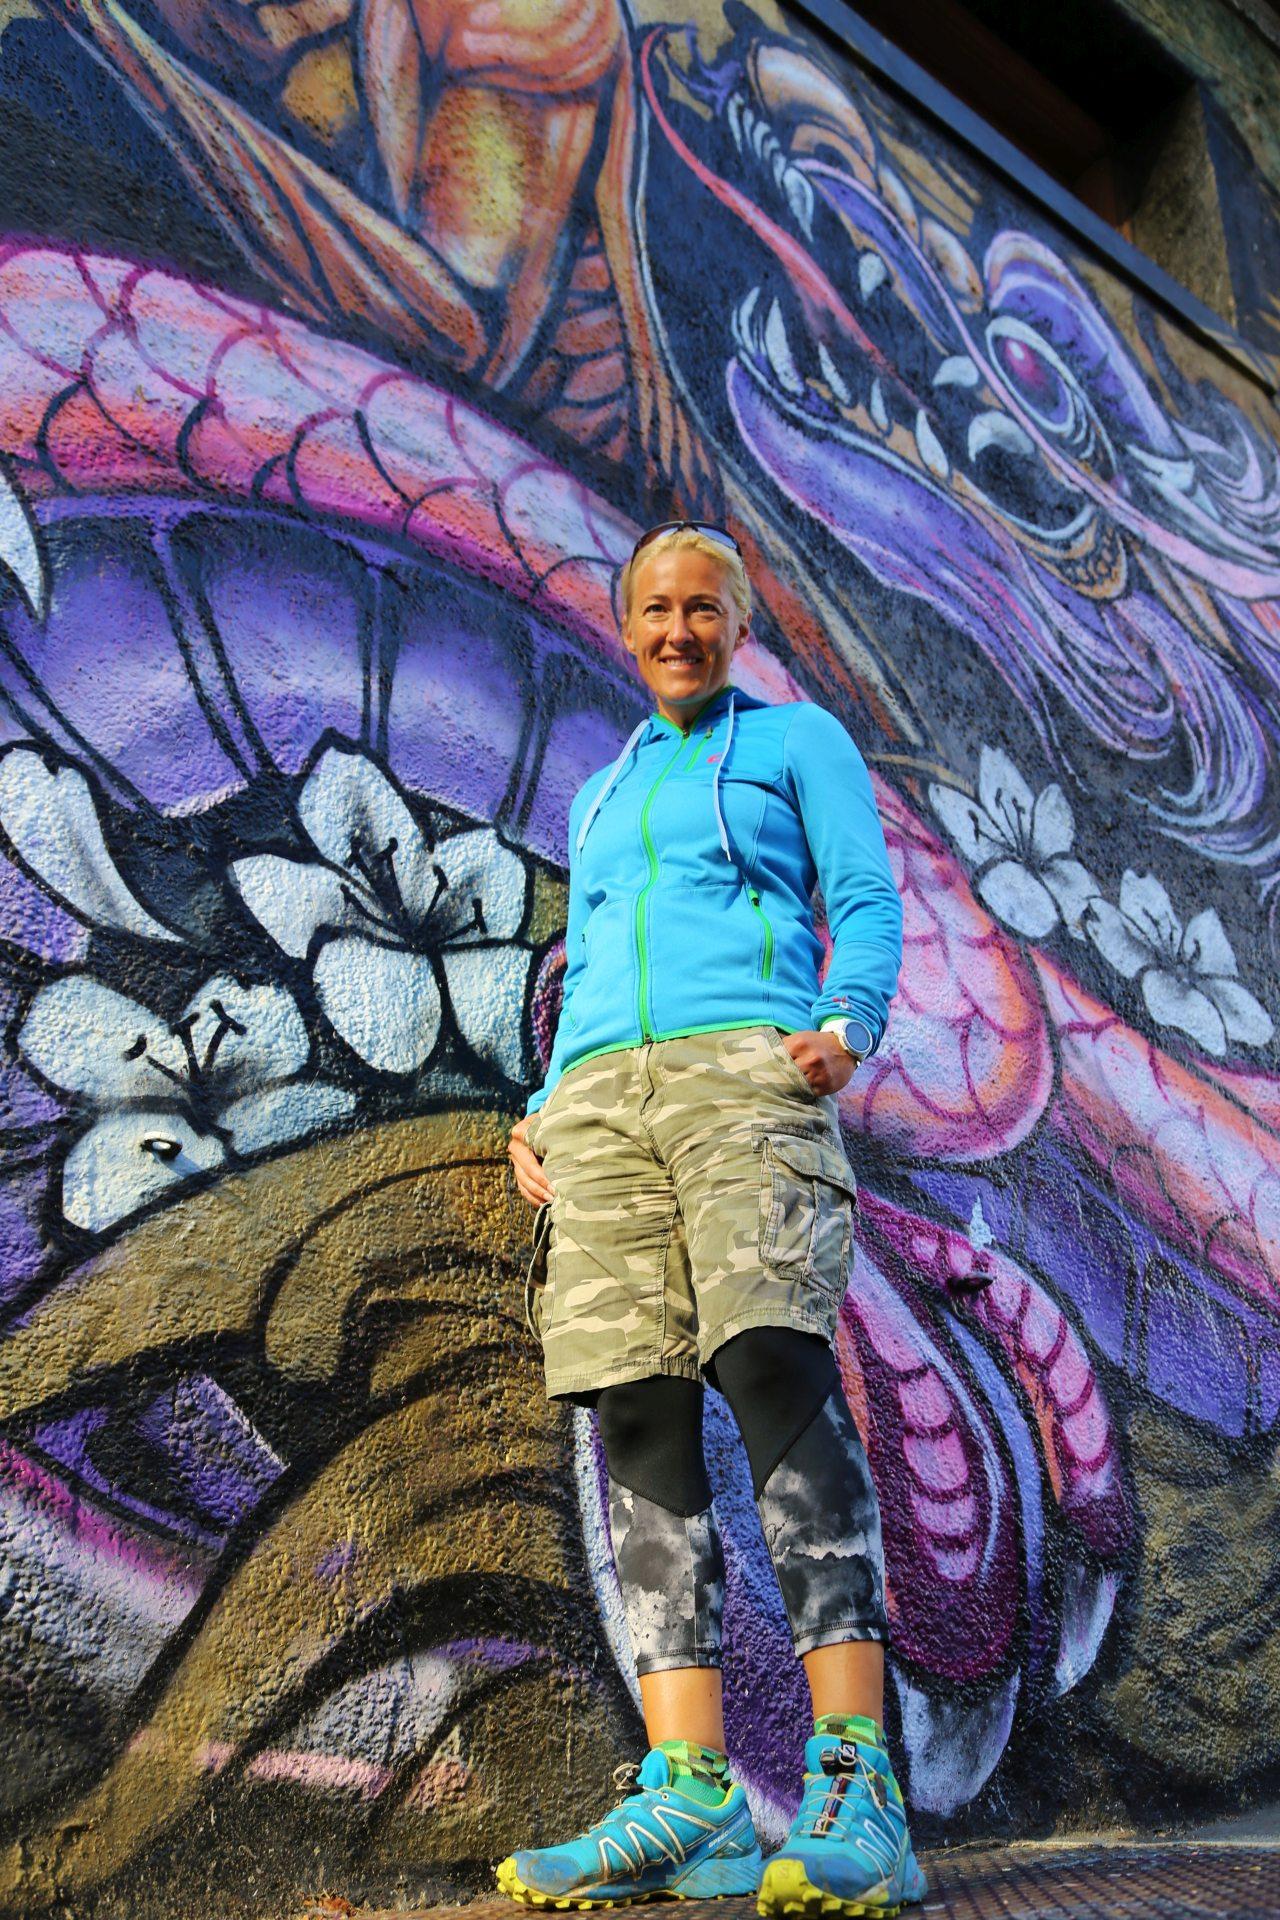 Eines von vielen erlaubten Wandmalereien (Murals) - Blondine, Design, Graffiti, Kalifornien, Kreativität, Kunst, malerisch, Personen, Portrait, Porträt, San Francisco, Sprayer, Wandmalerei - HOFBAUER-HOFMANN Sofia - (Finanzviertel, San Francisco, California, Vereinigte Staaten)